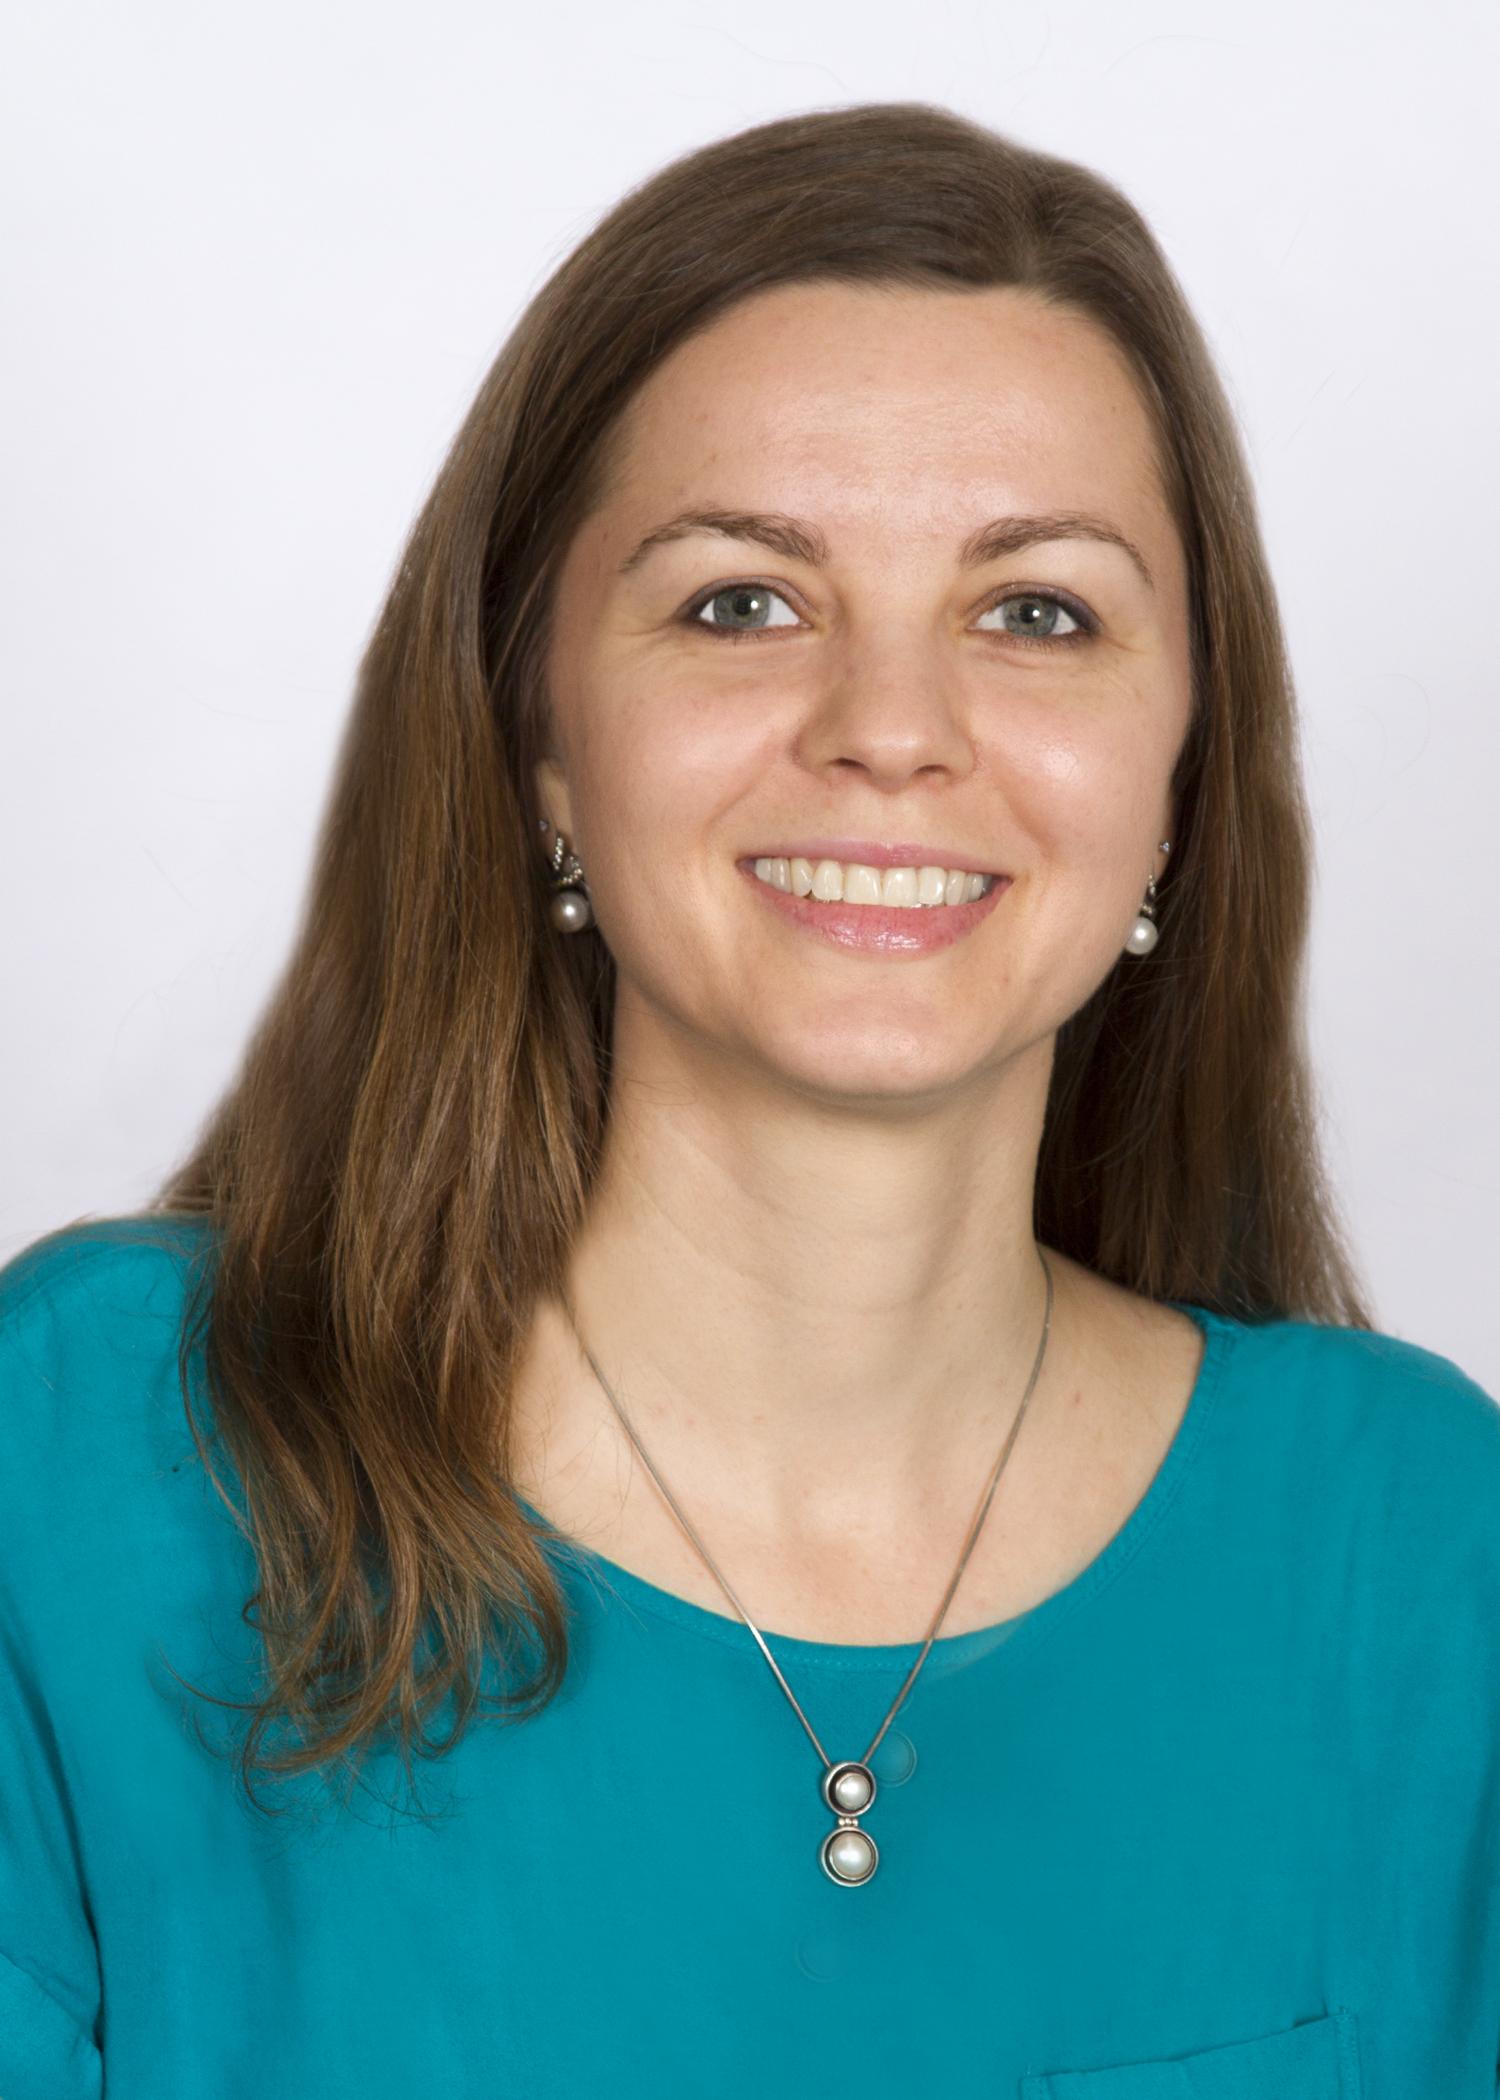 Jane Skoyen | San Francisco psychologist